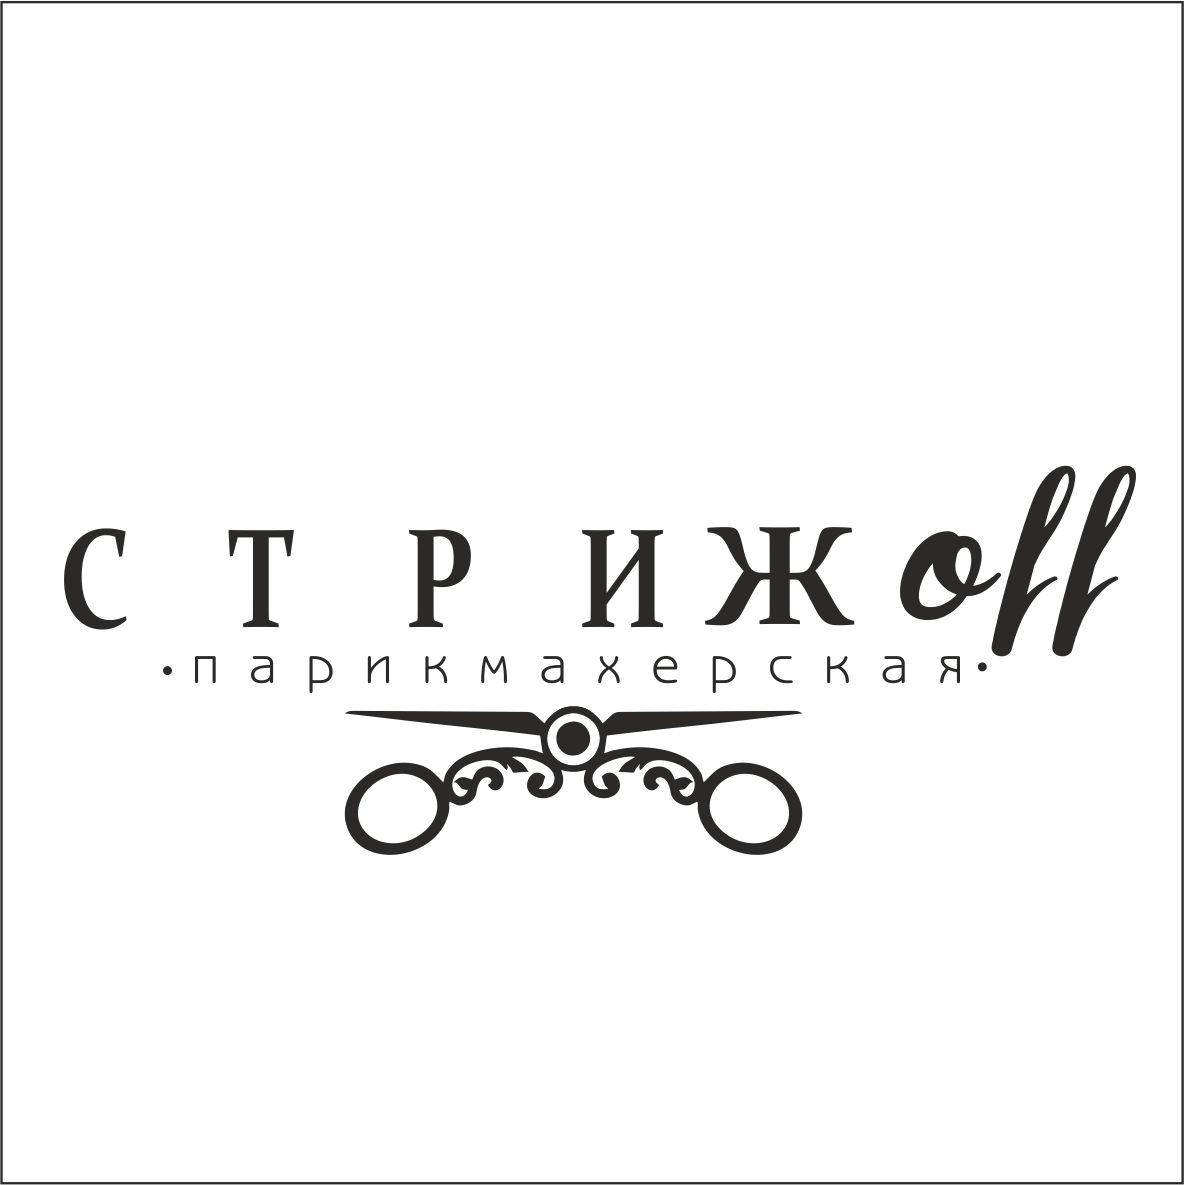 разработка названия и логотипа салона красоты фото f_68359b953f487ad1.jpg